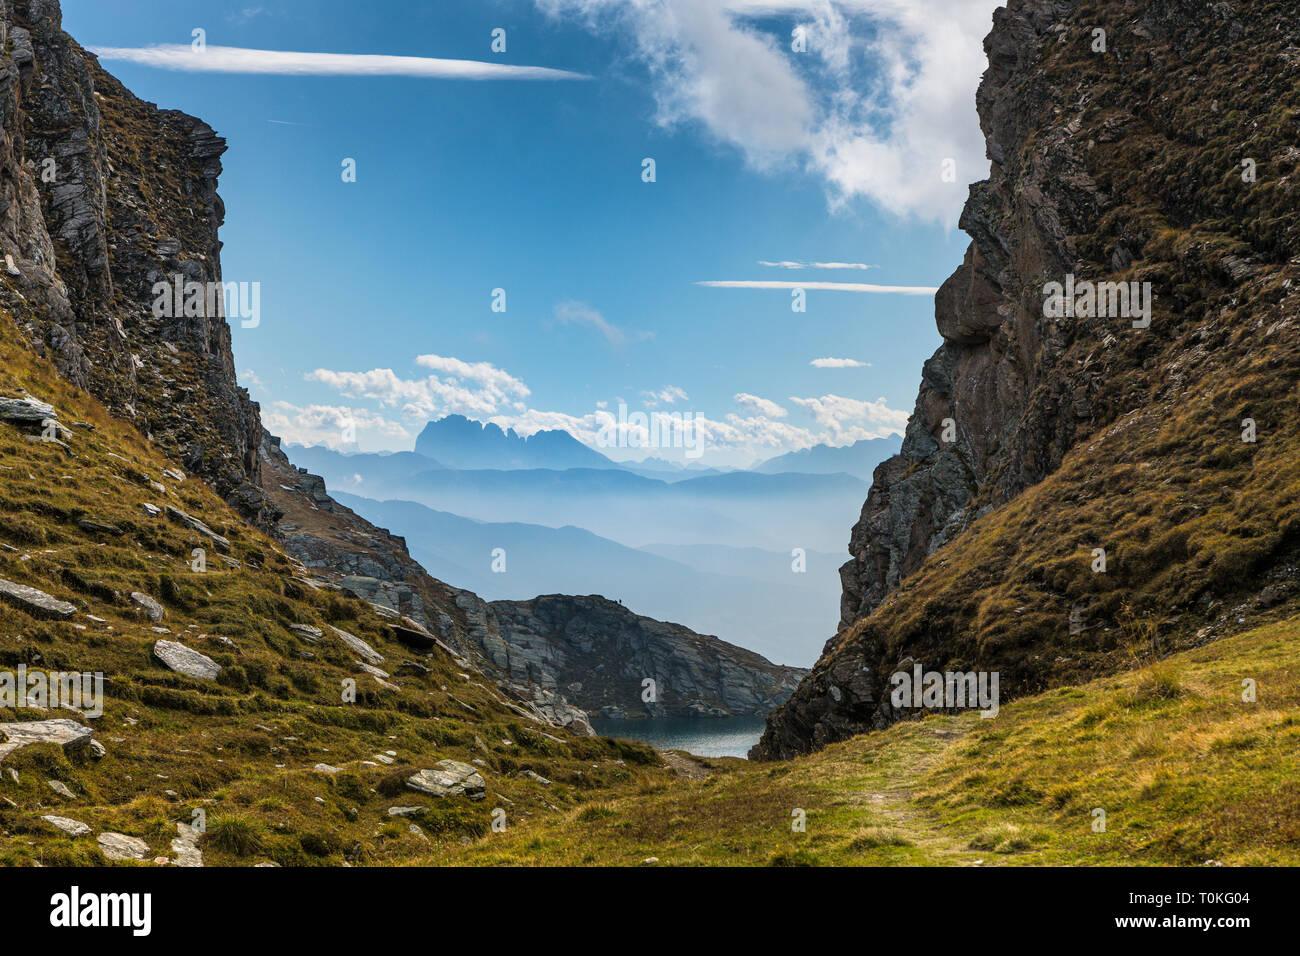 Randonnée à la Seefeldspitze, vue de l'Langkofelgruppe et Seefeldsee Pfunderer Tal, la société valser, montagnes, le Tyrol du Sud, Italie Banque D'Images